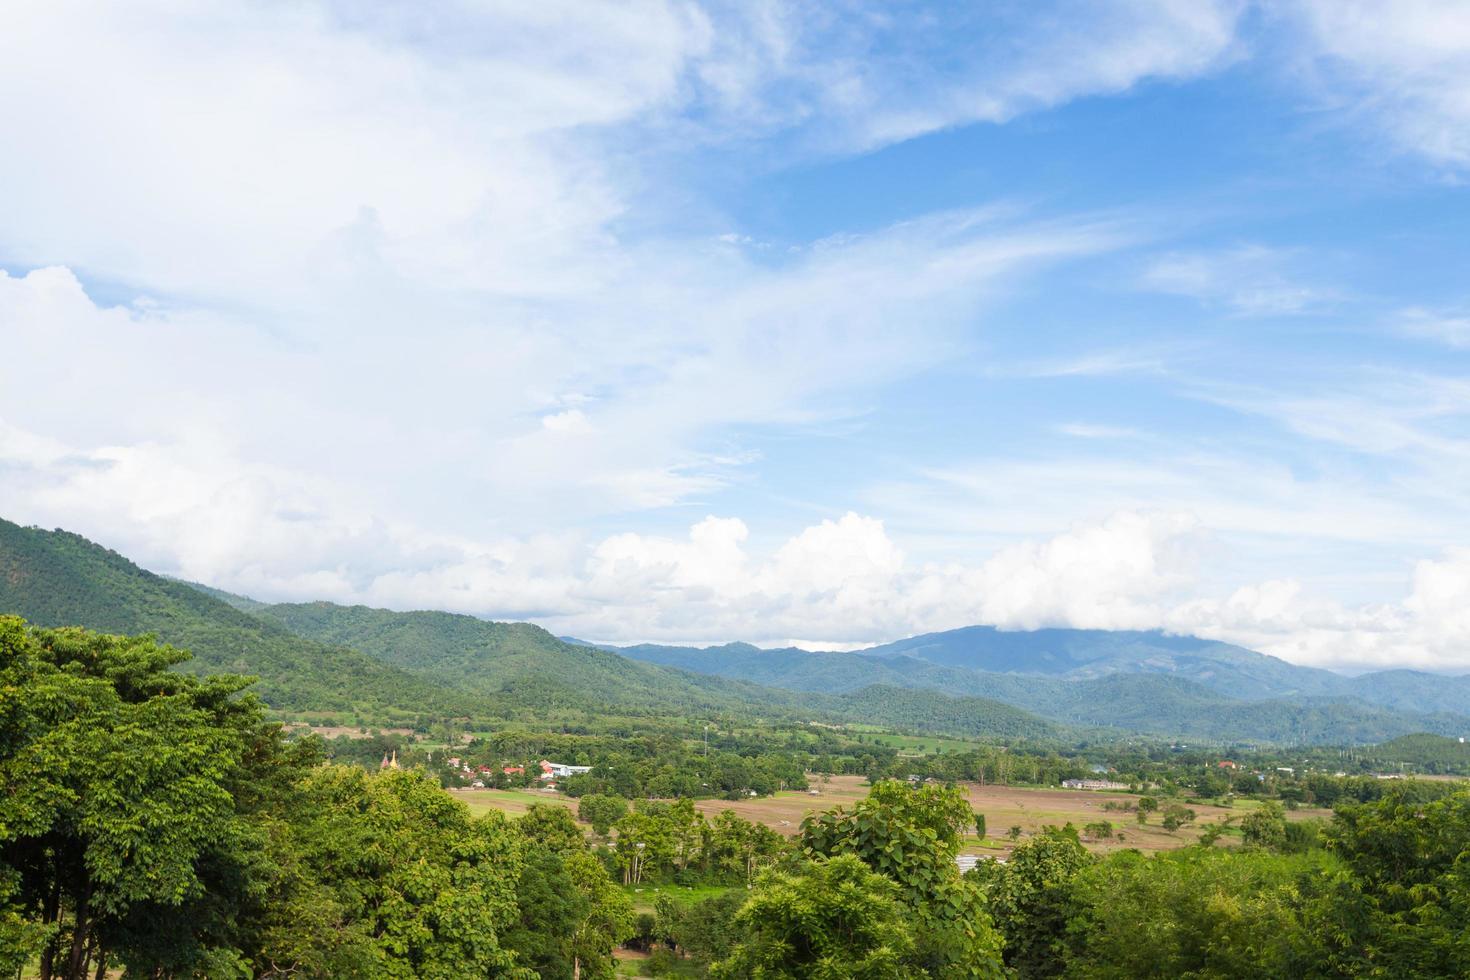 montagne e foreste in Tailandia foto